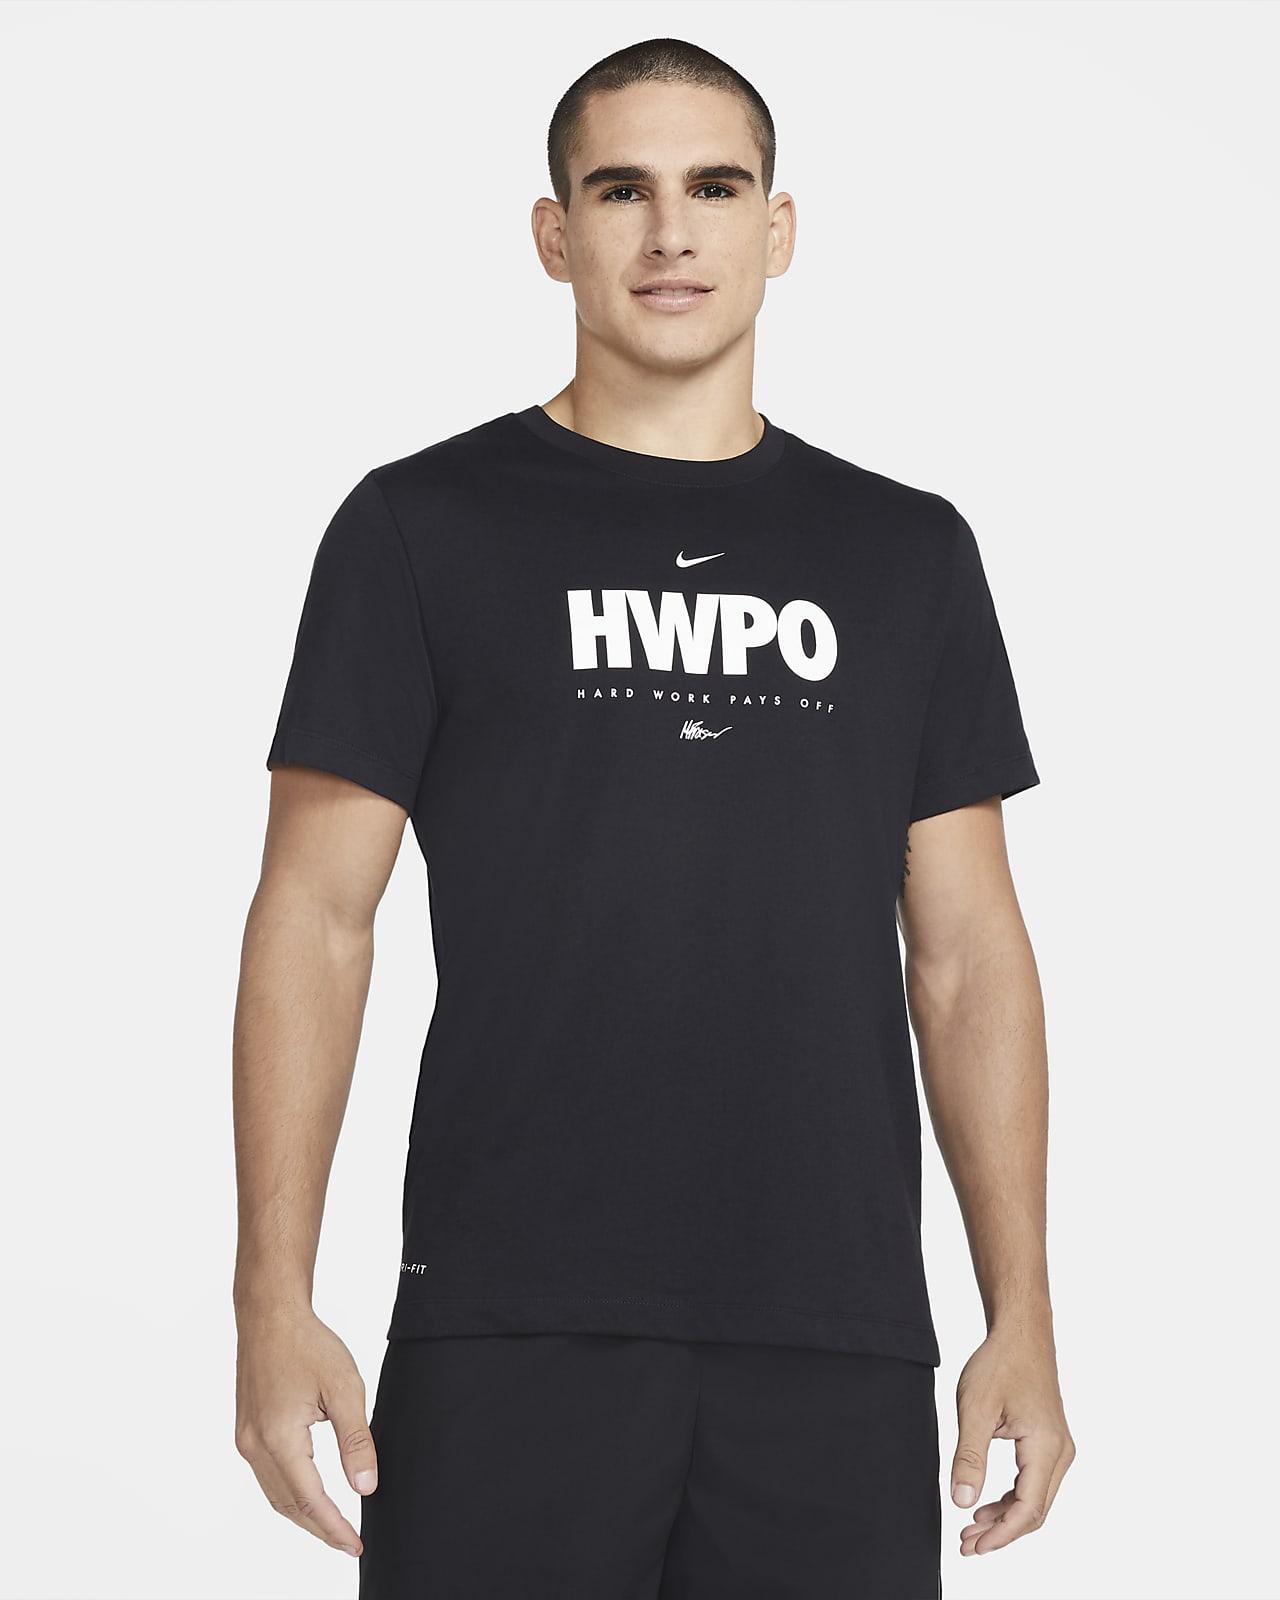 Nike Dri-FIT 'HWPO' Men's Training T-Shirt